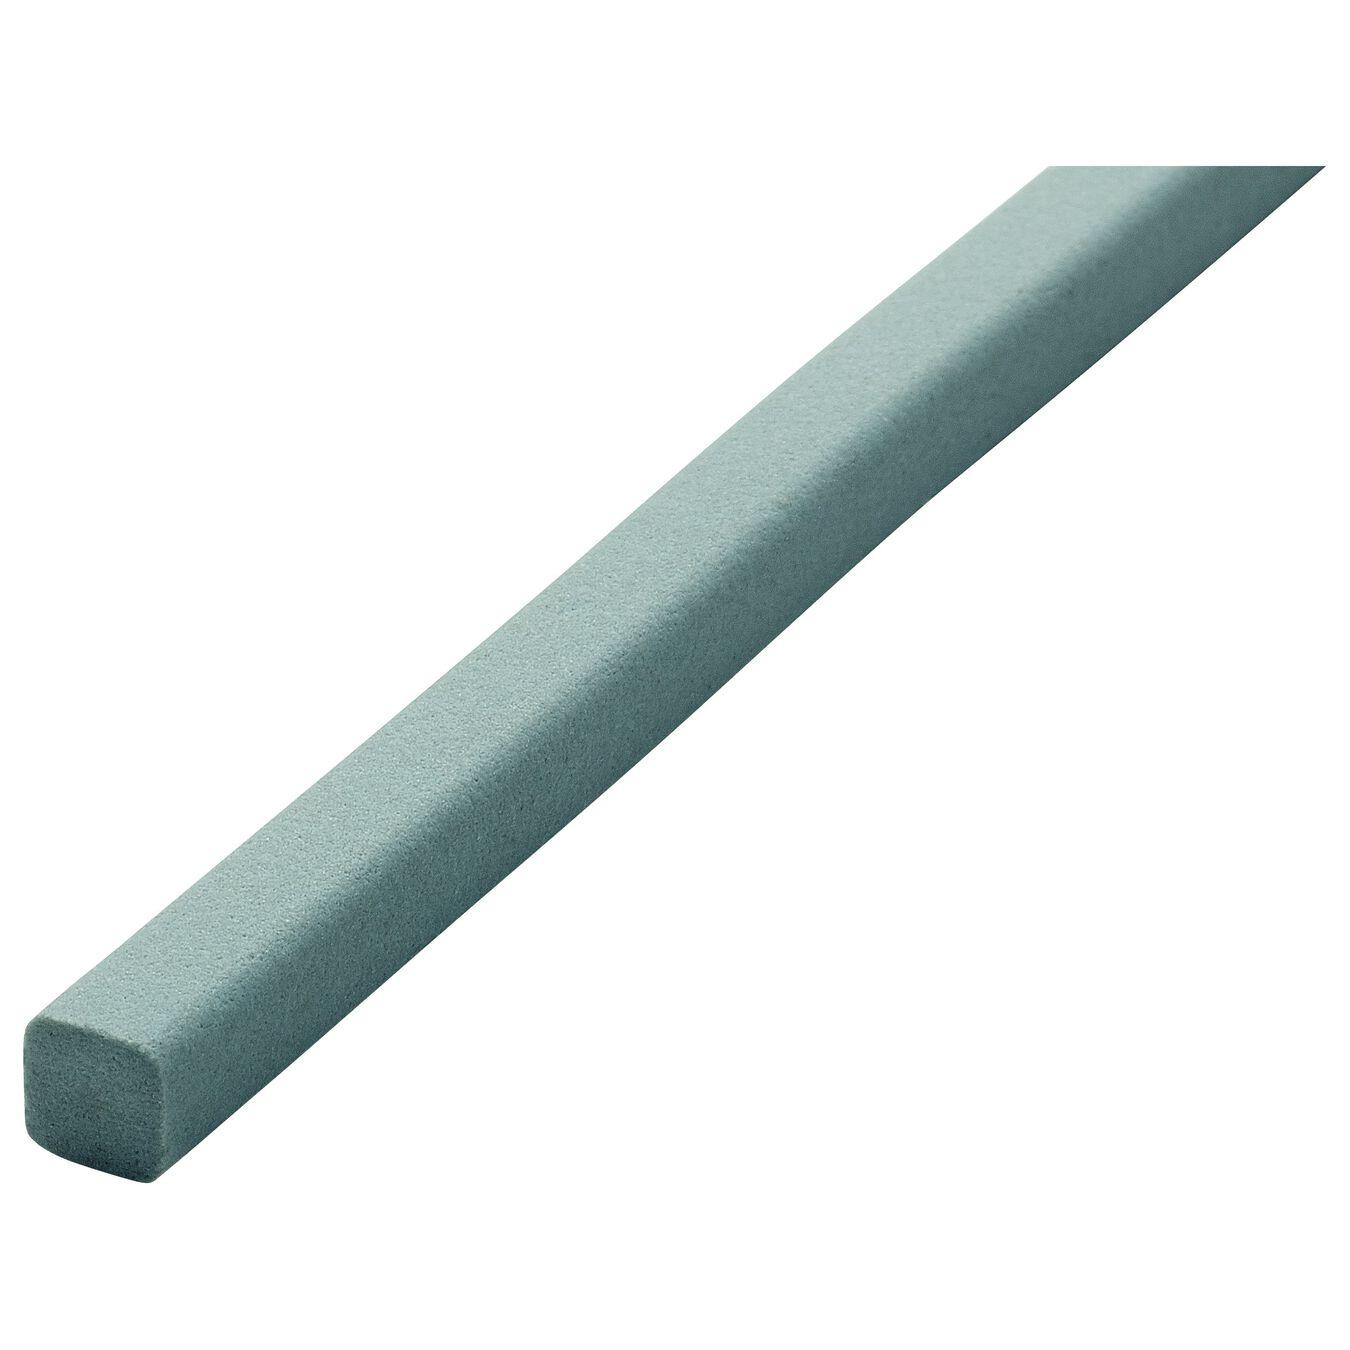 Hastes cerâmicas grão 360 - 2 un para afiador V-edge, 2 cm | Verde | Cerâmica,,large 2